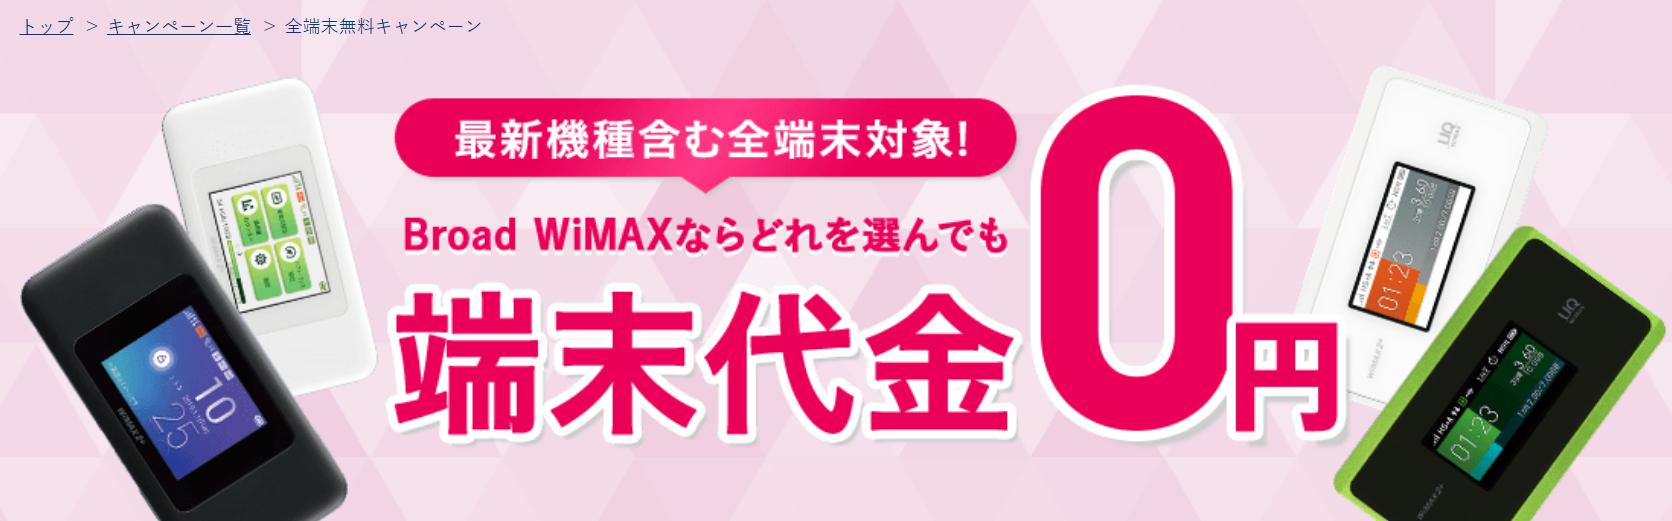 broad-wimax-campaign01_02